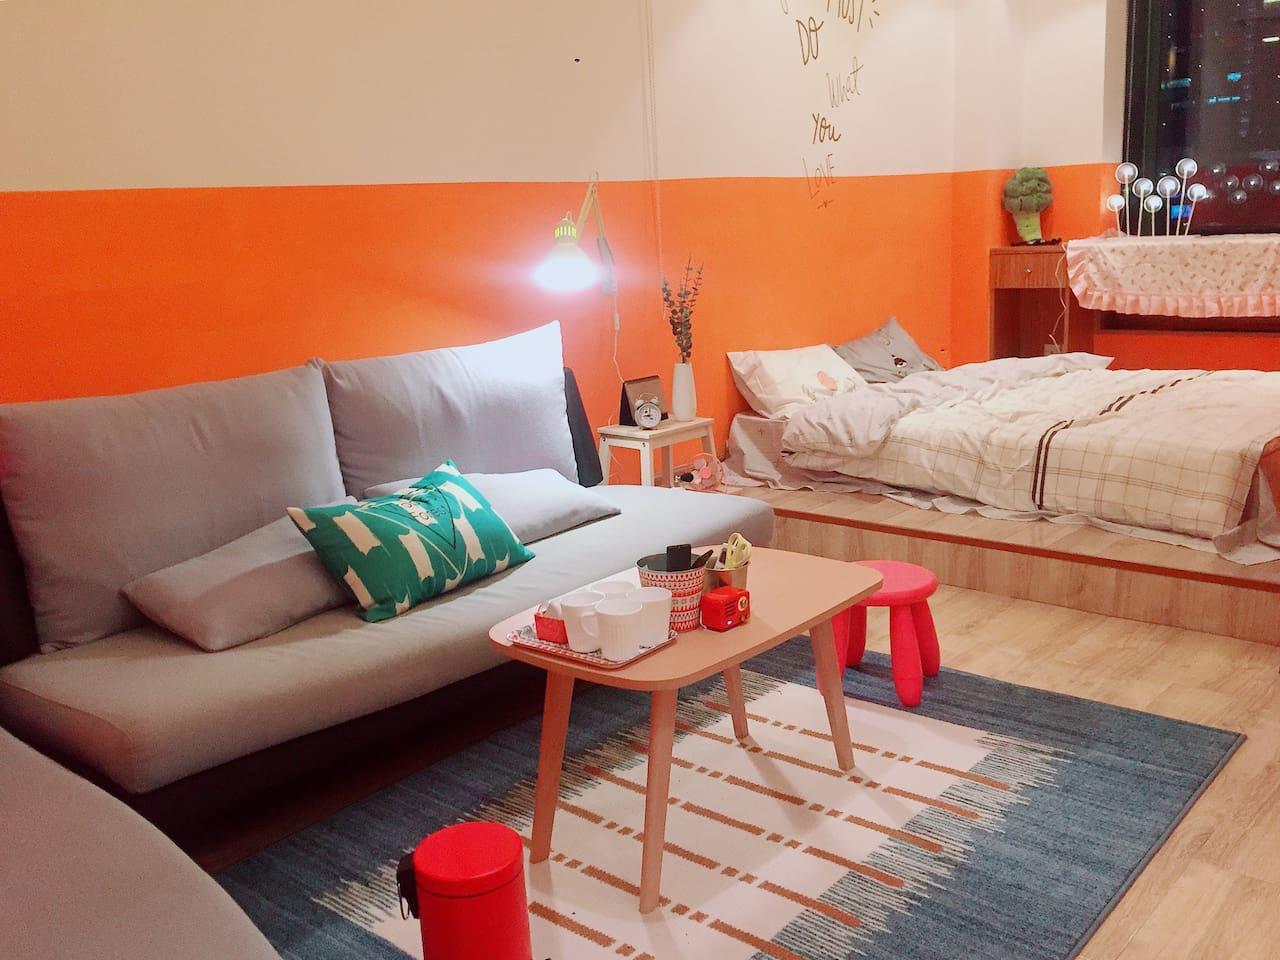 两张大沙发宽大舒适,窗帘能隔离大卧室